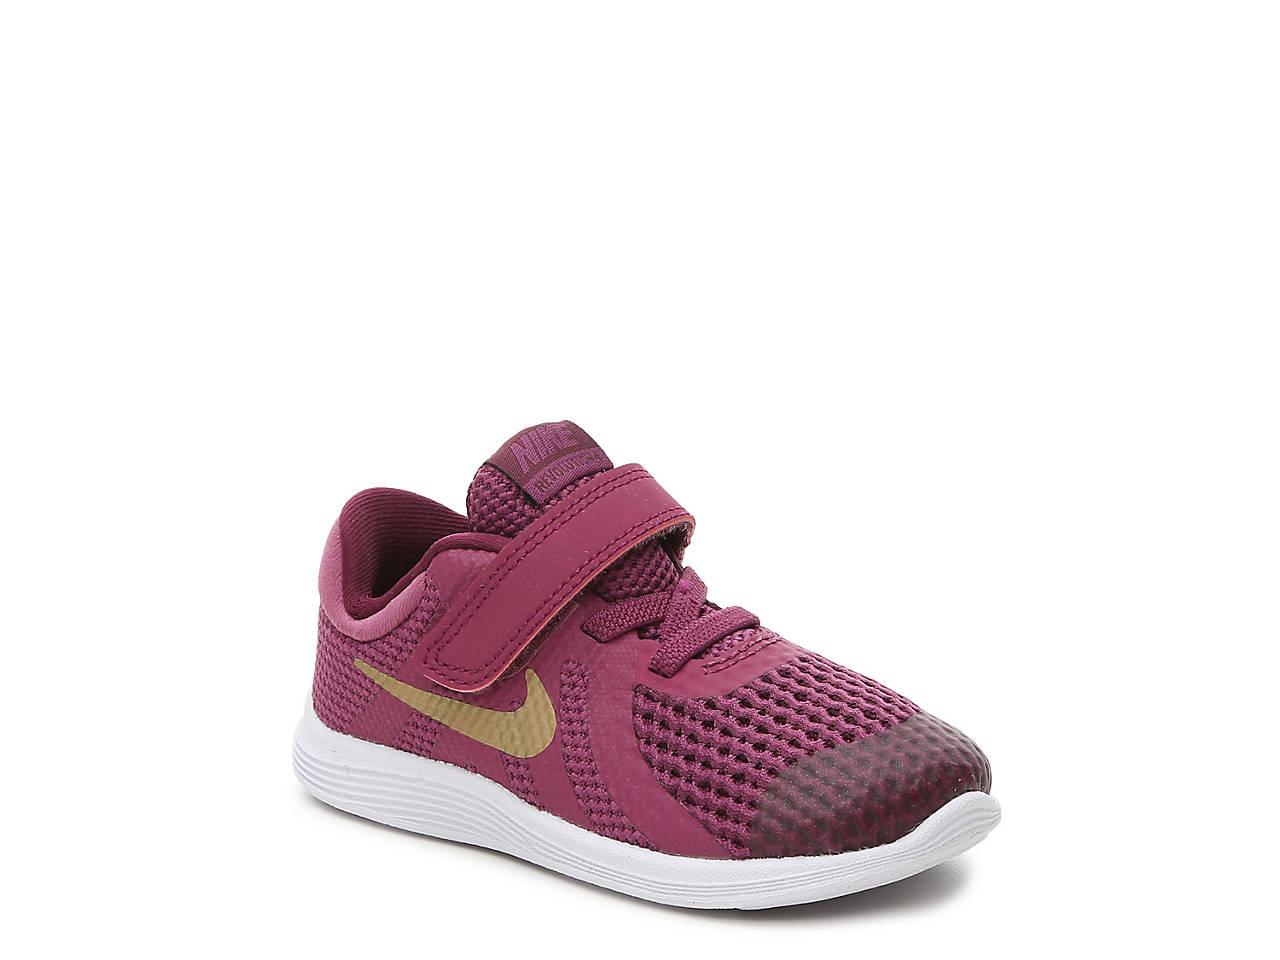 64308f1f5d70 Nike Revolution 4 Infant   Toddler Running Shoe Kids Shoes